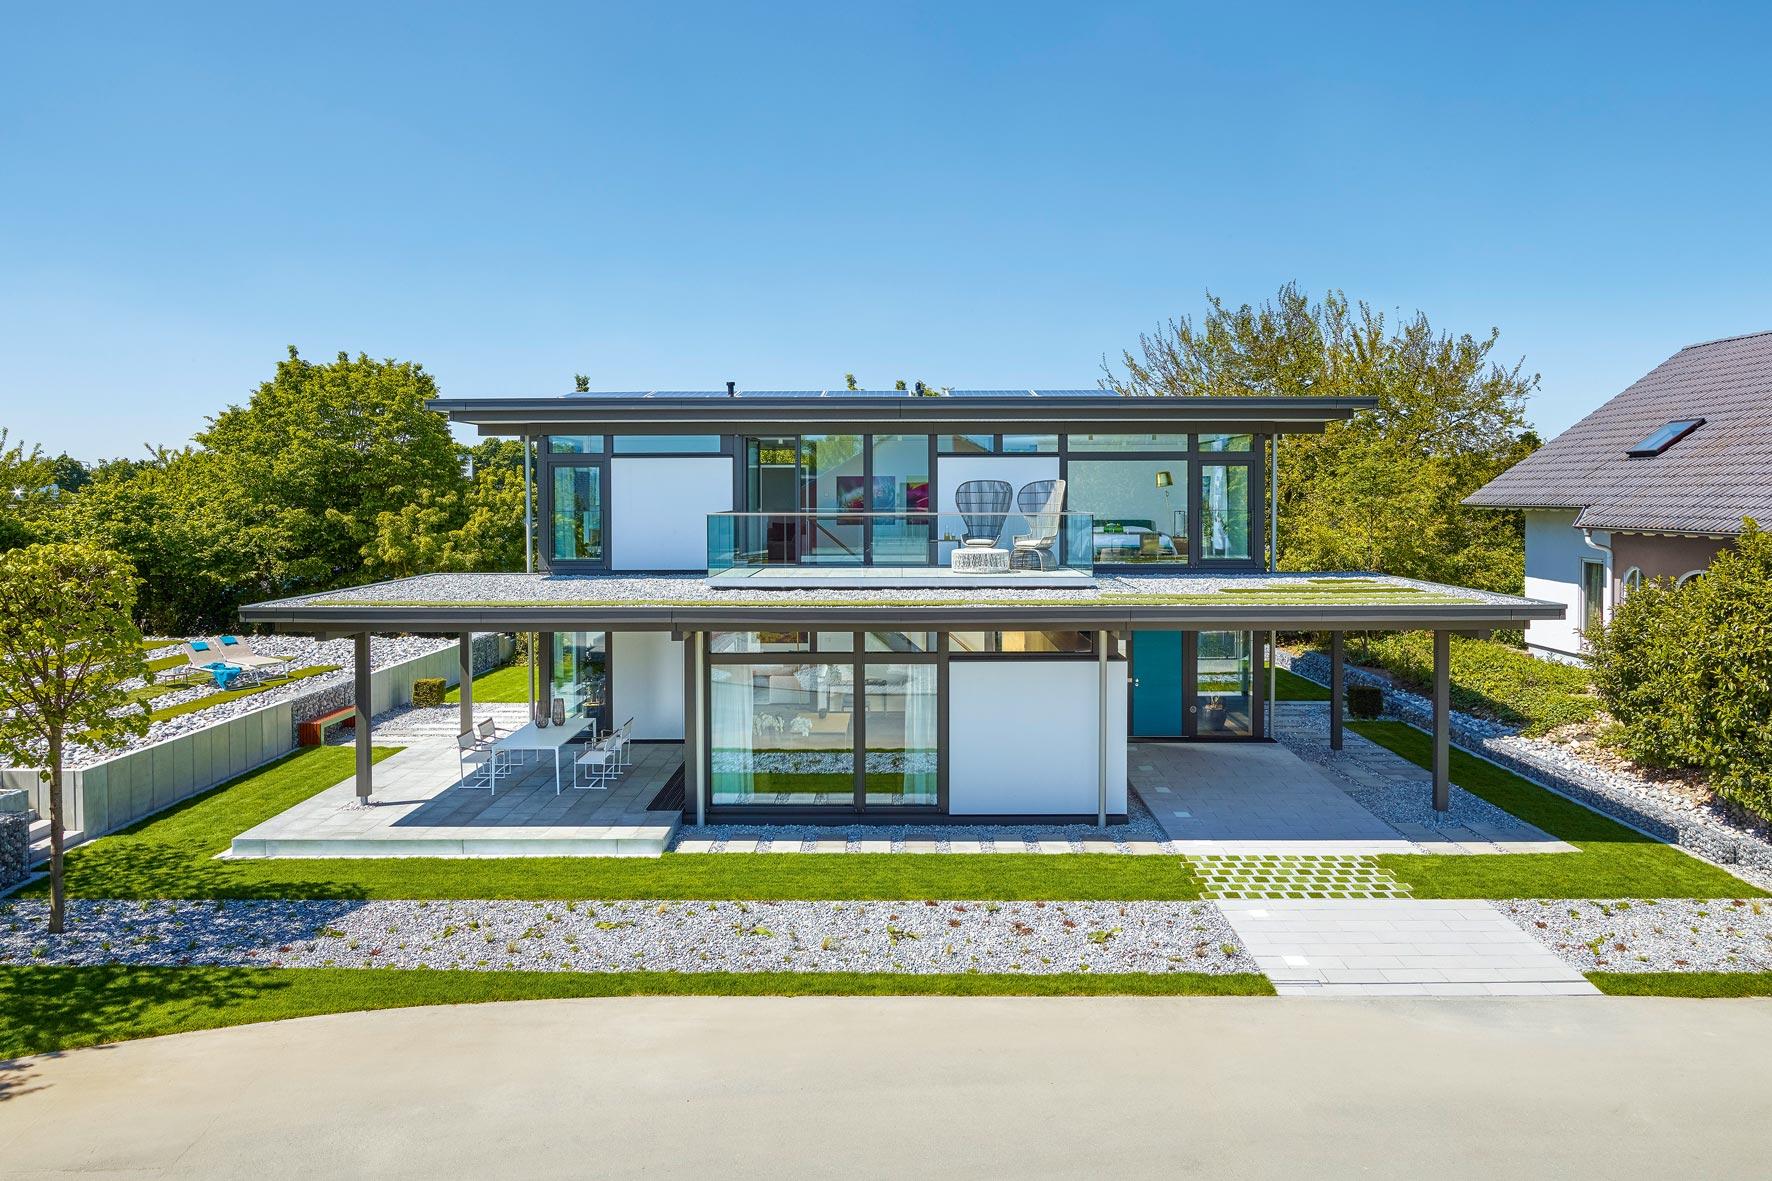 Huf Haus Modum – Grünes Fachwerkhaus